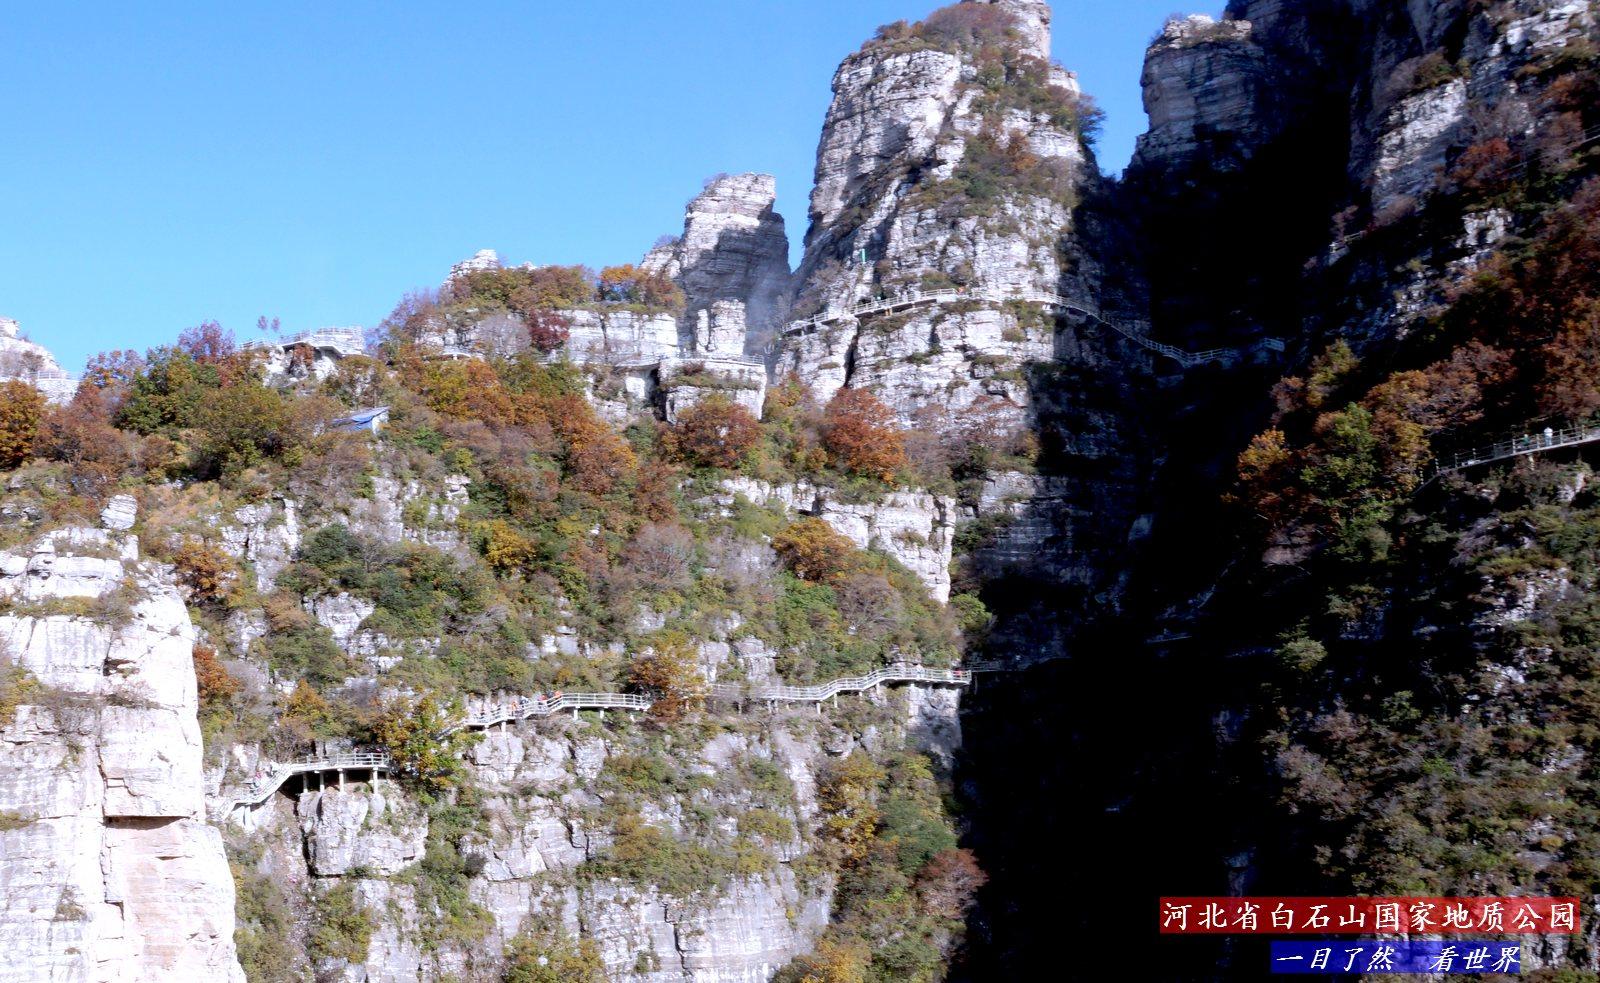 河北房山世界地质公园(白石山)-23-1600.jpg